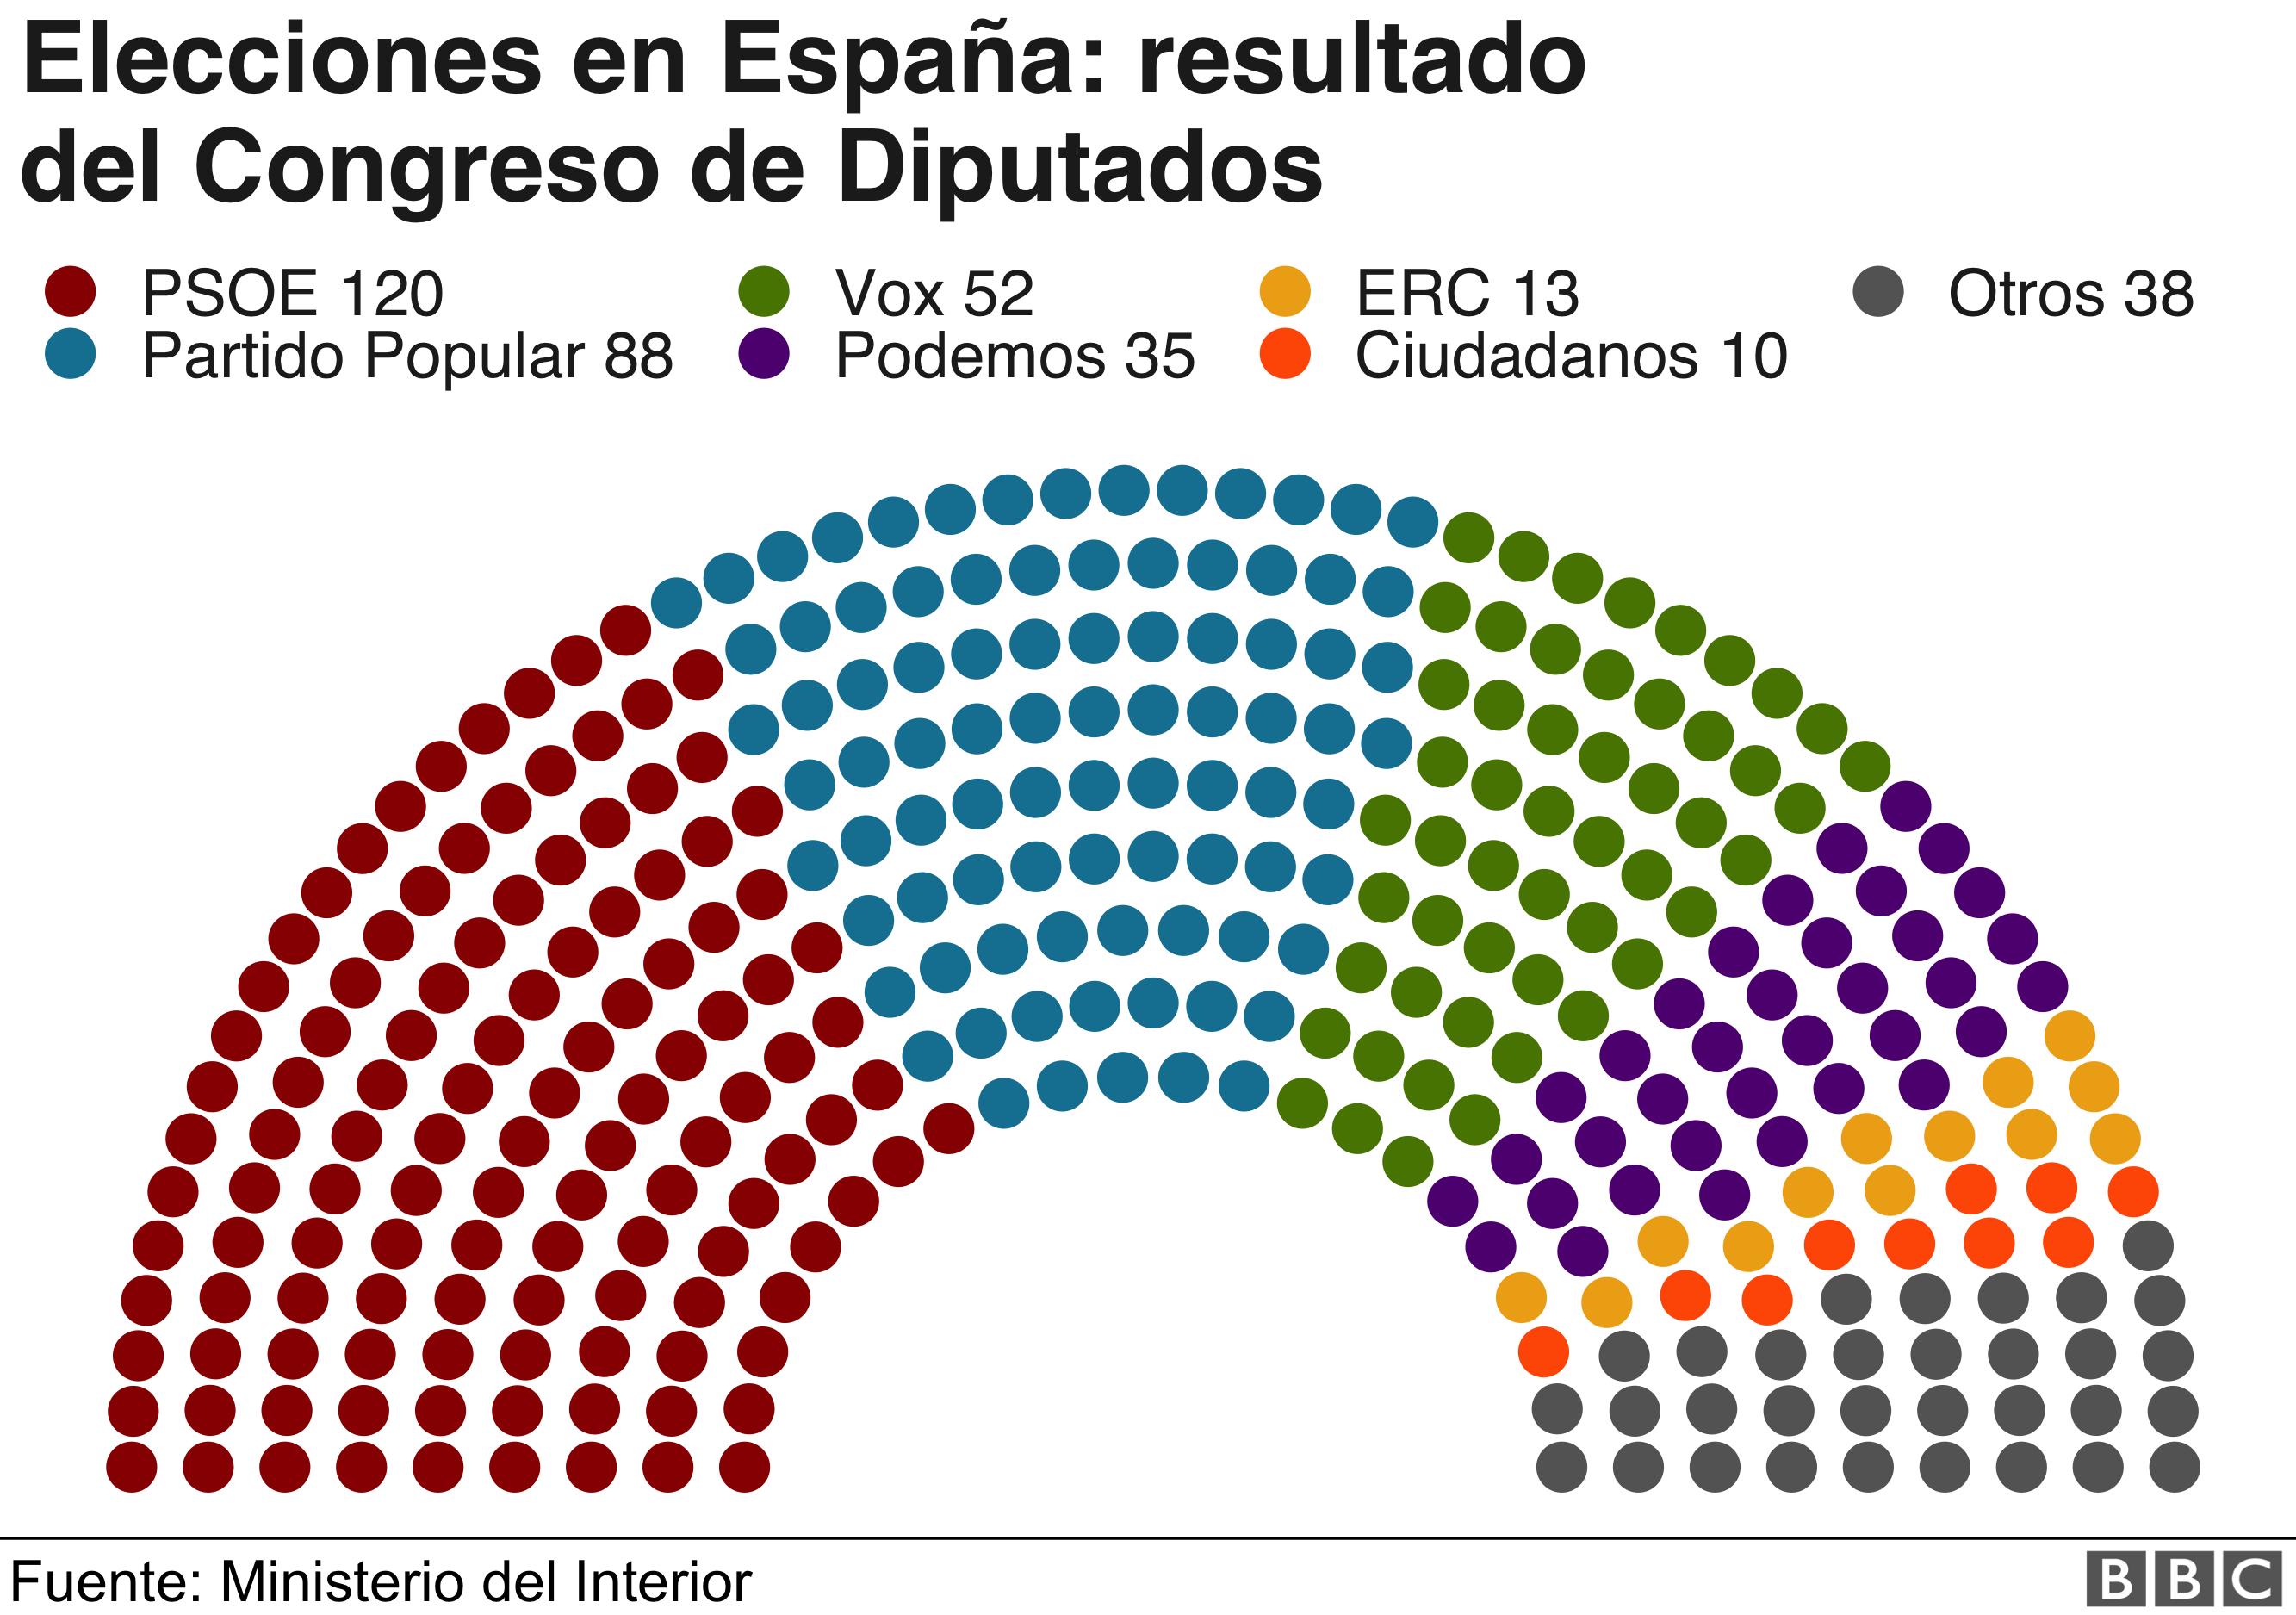 Resultados del congreso de diputados